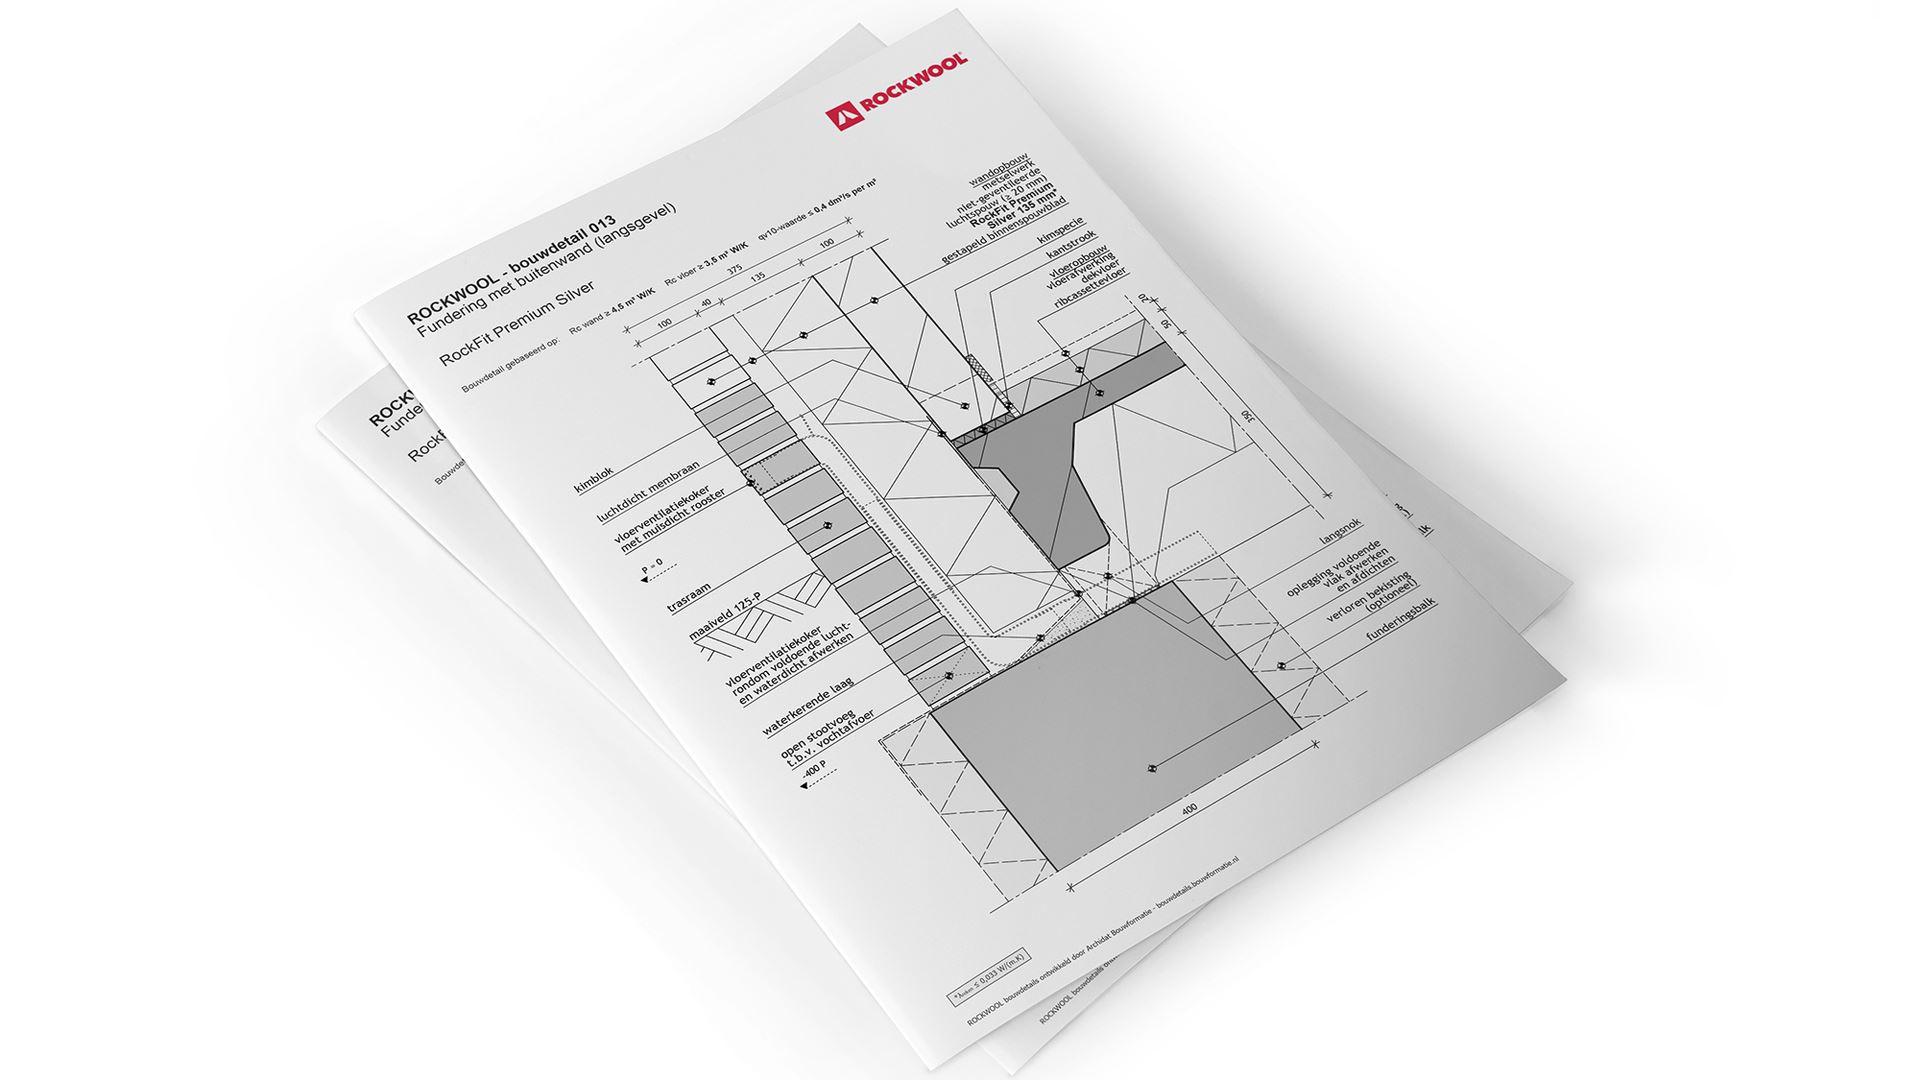 documenten, detailtekening, mockup, detail, nl, vl